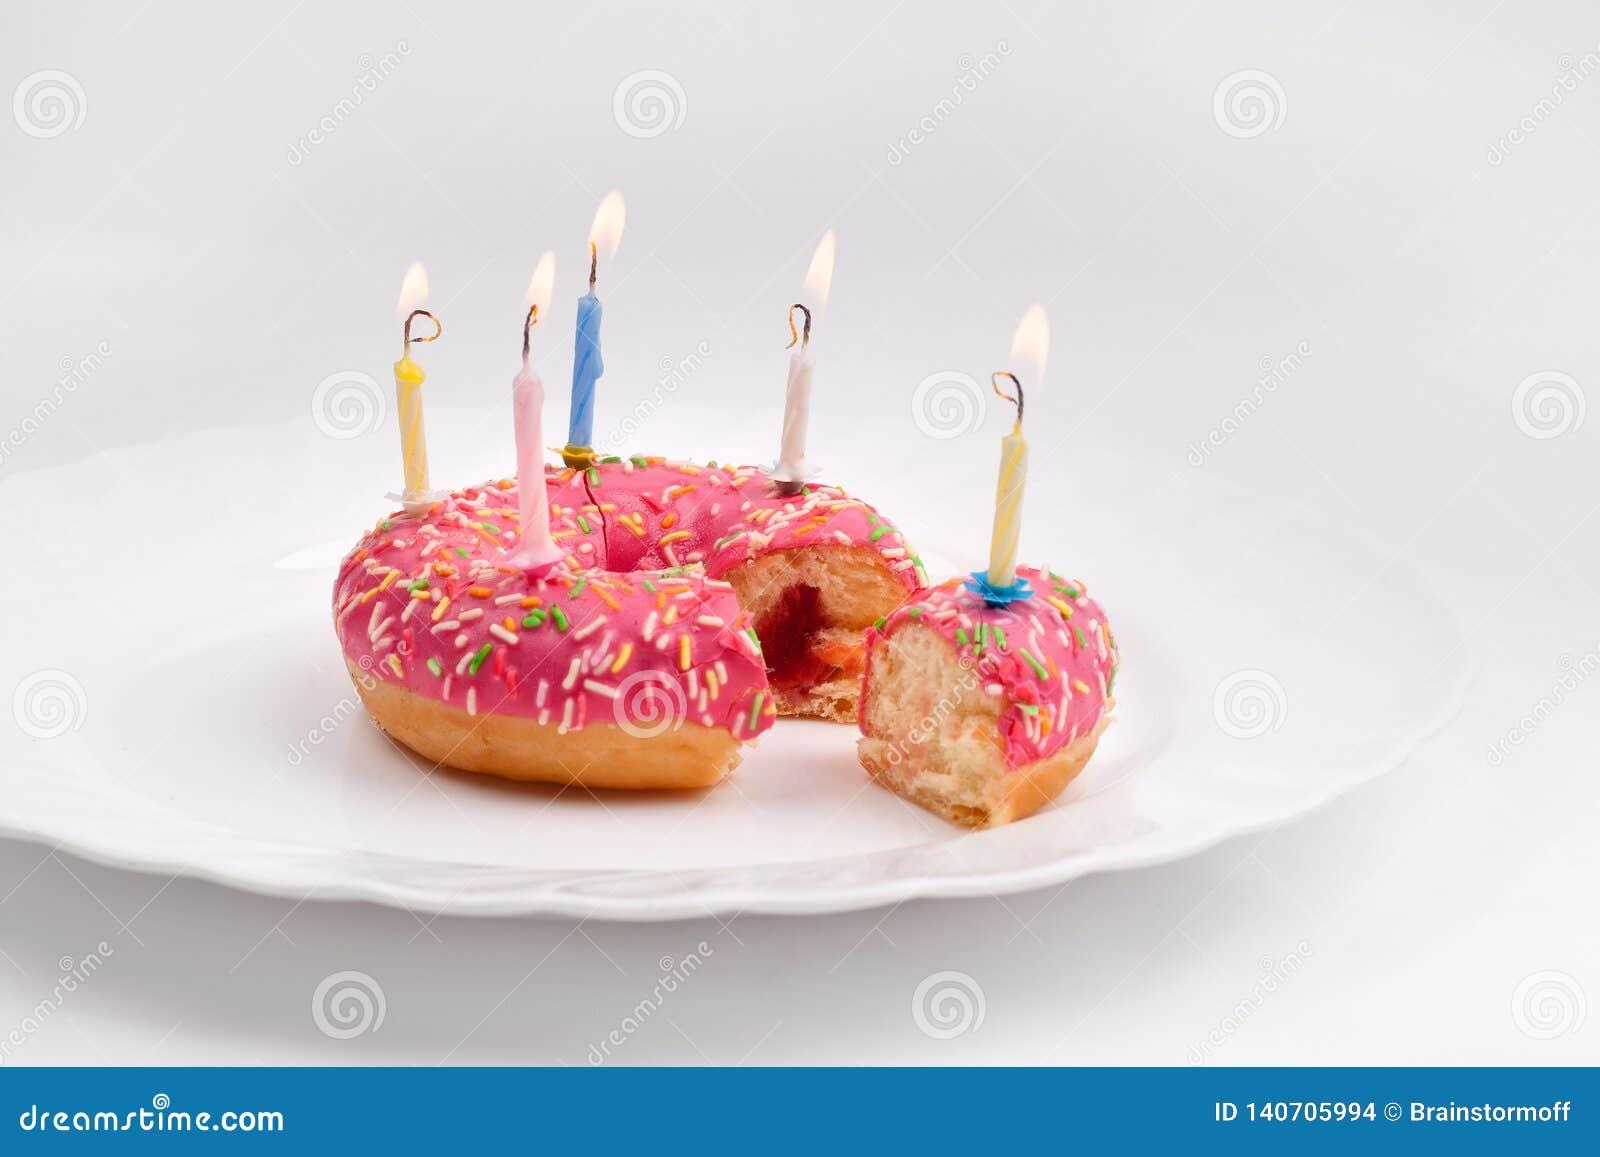 Roze doughnut op witte plaat zoals verjaardagscake met kaarsen op witte achtergrond